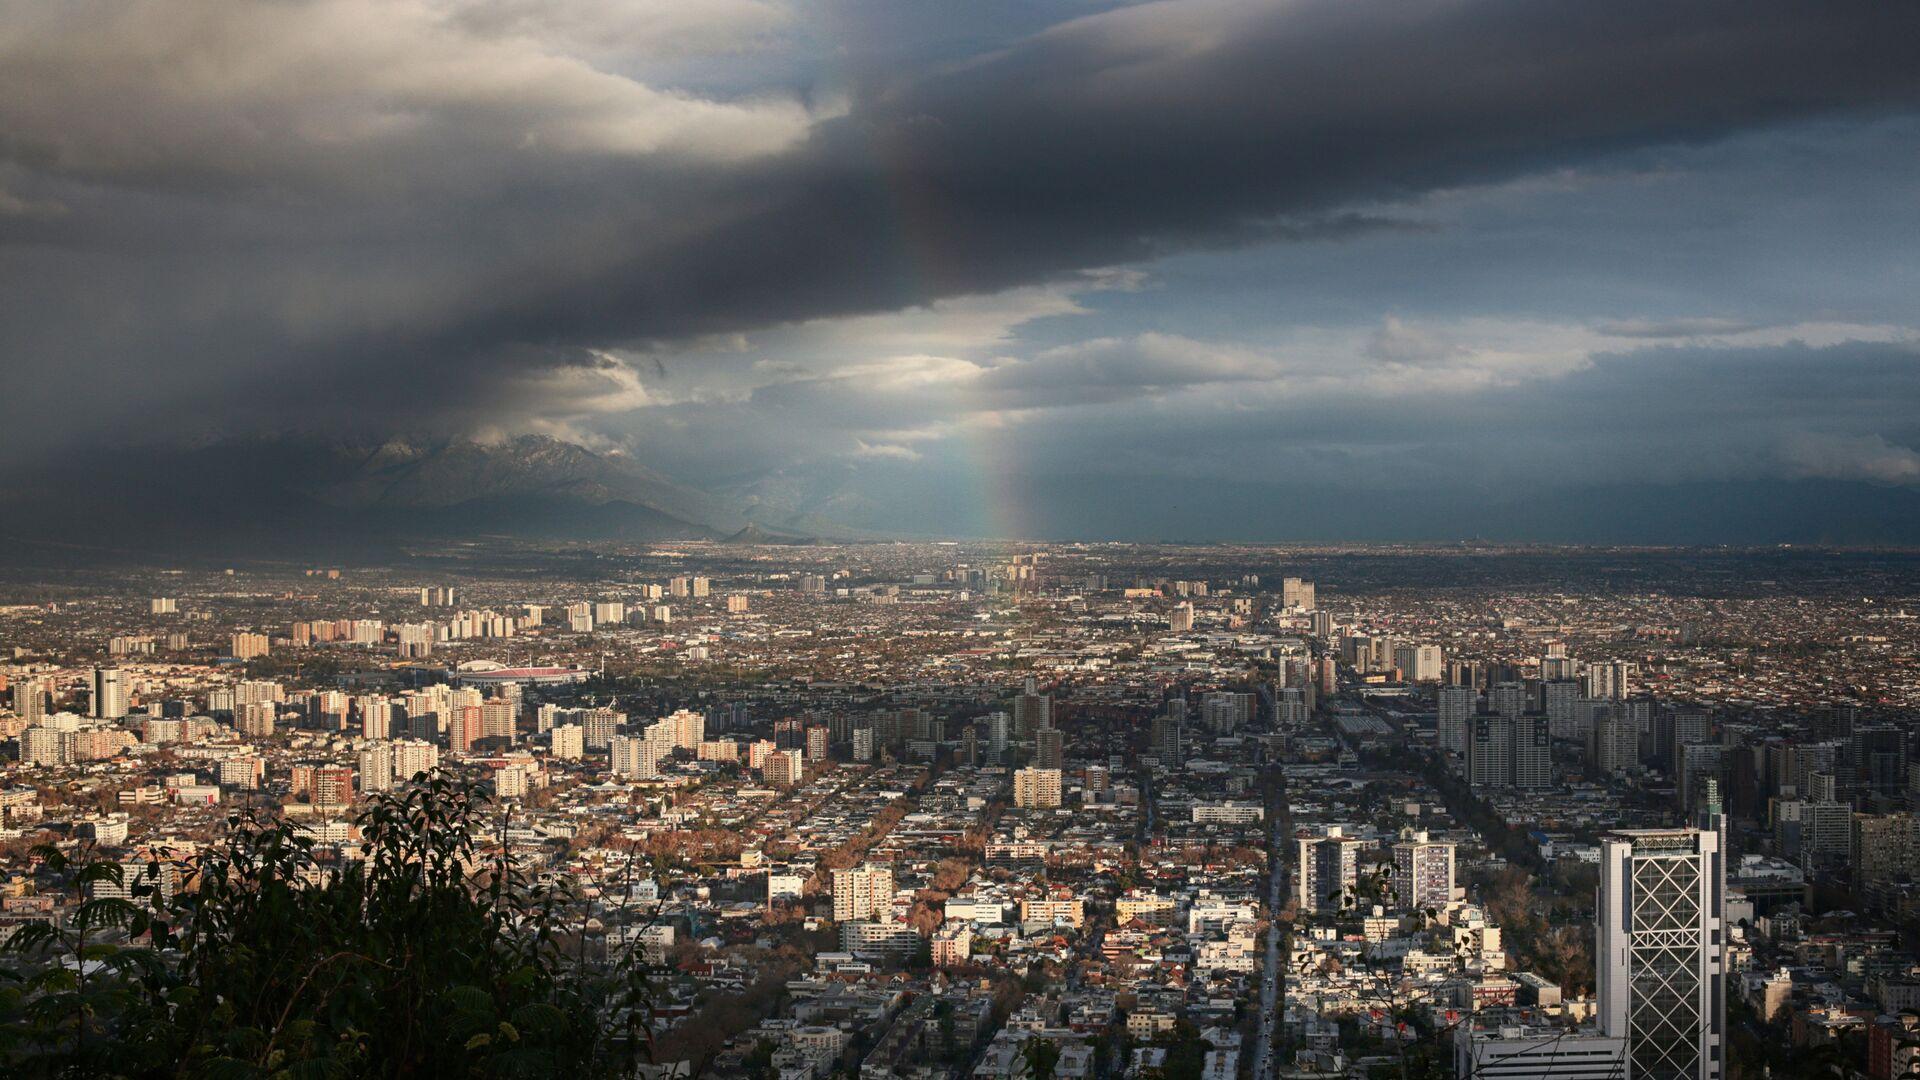 Столица Чили, город Сантьяго - РИА Новости, 1920, 24.01.2021